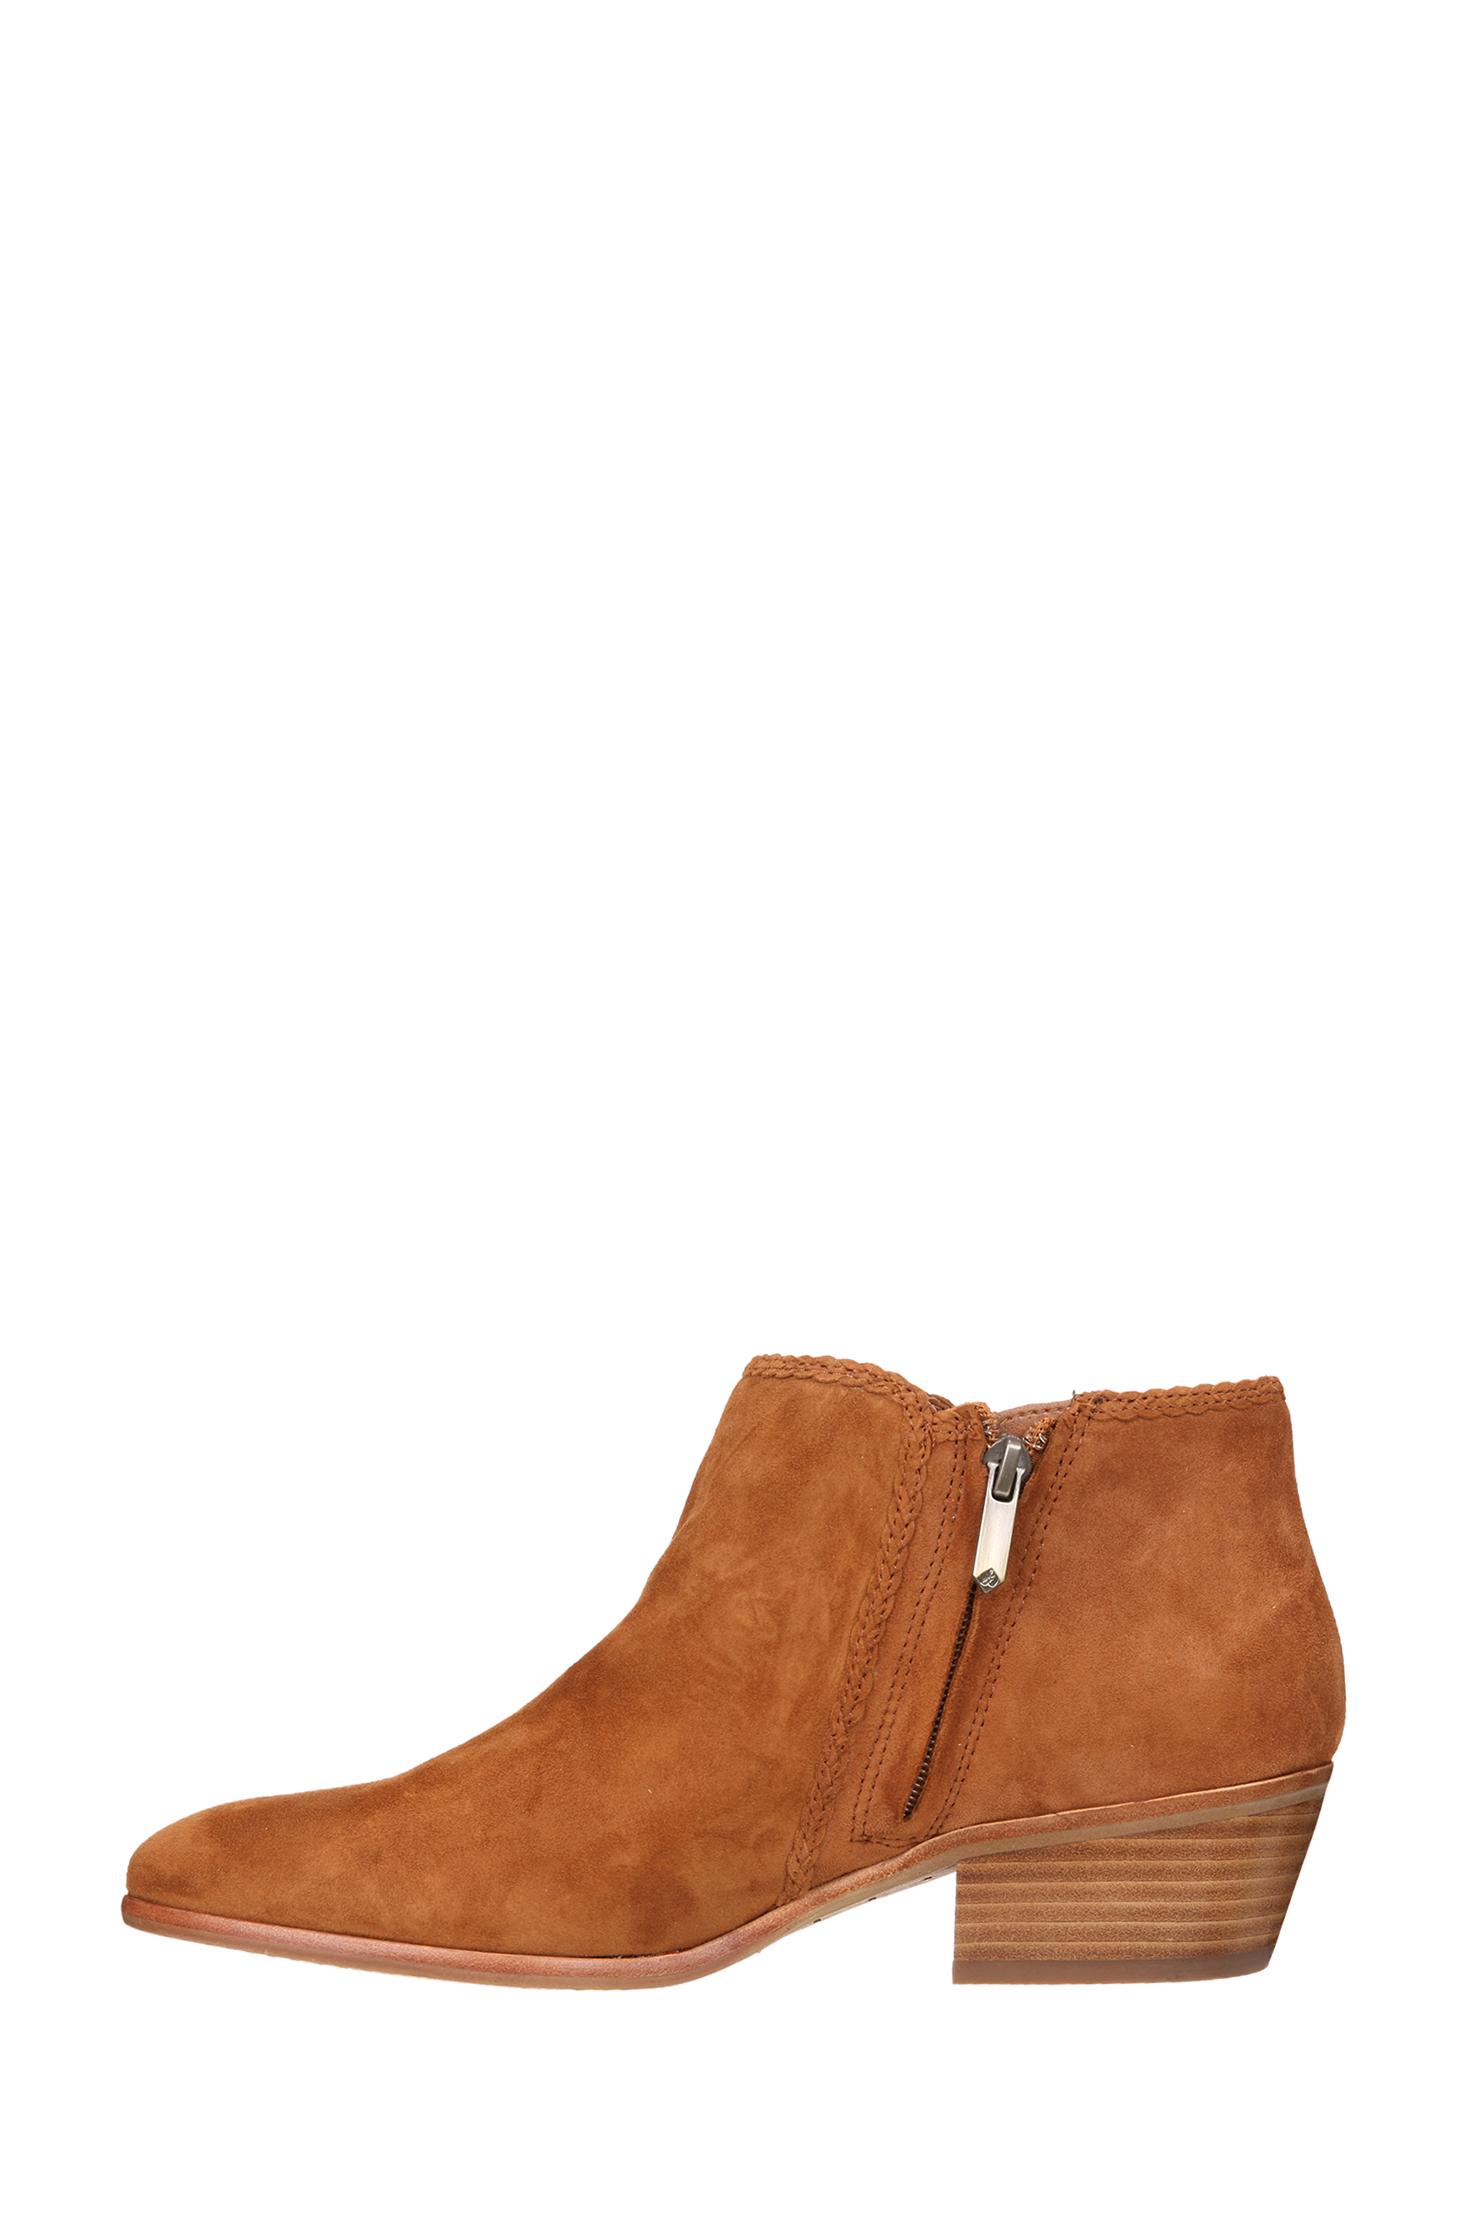 sam edelman boots in brown lyst